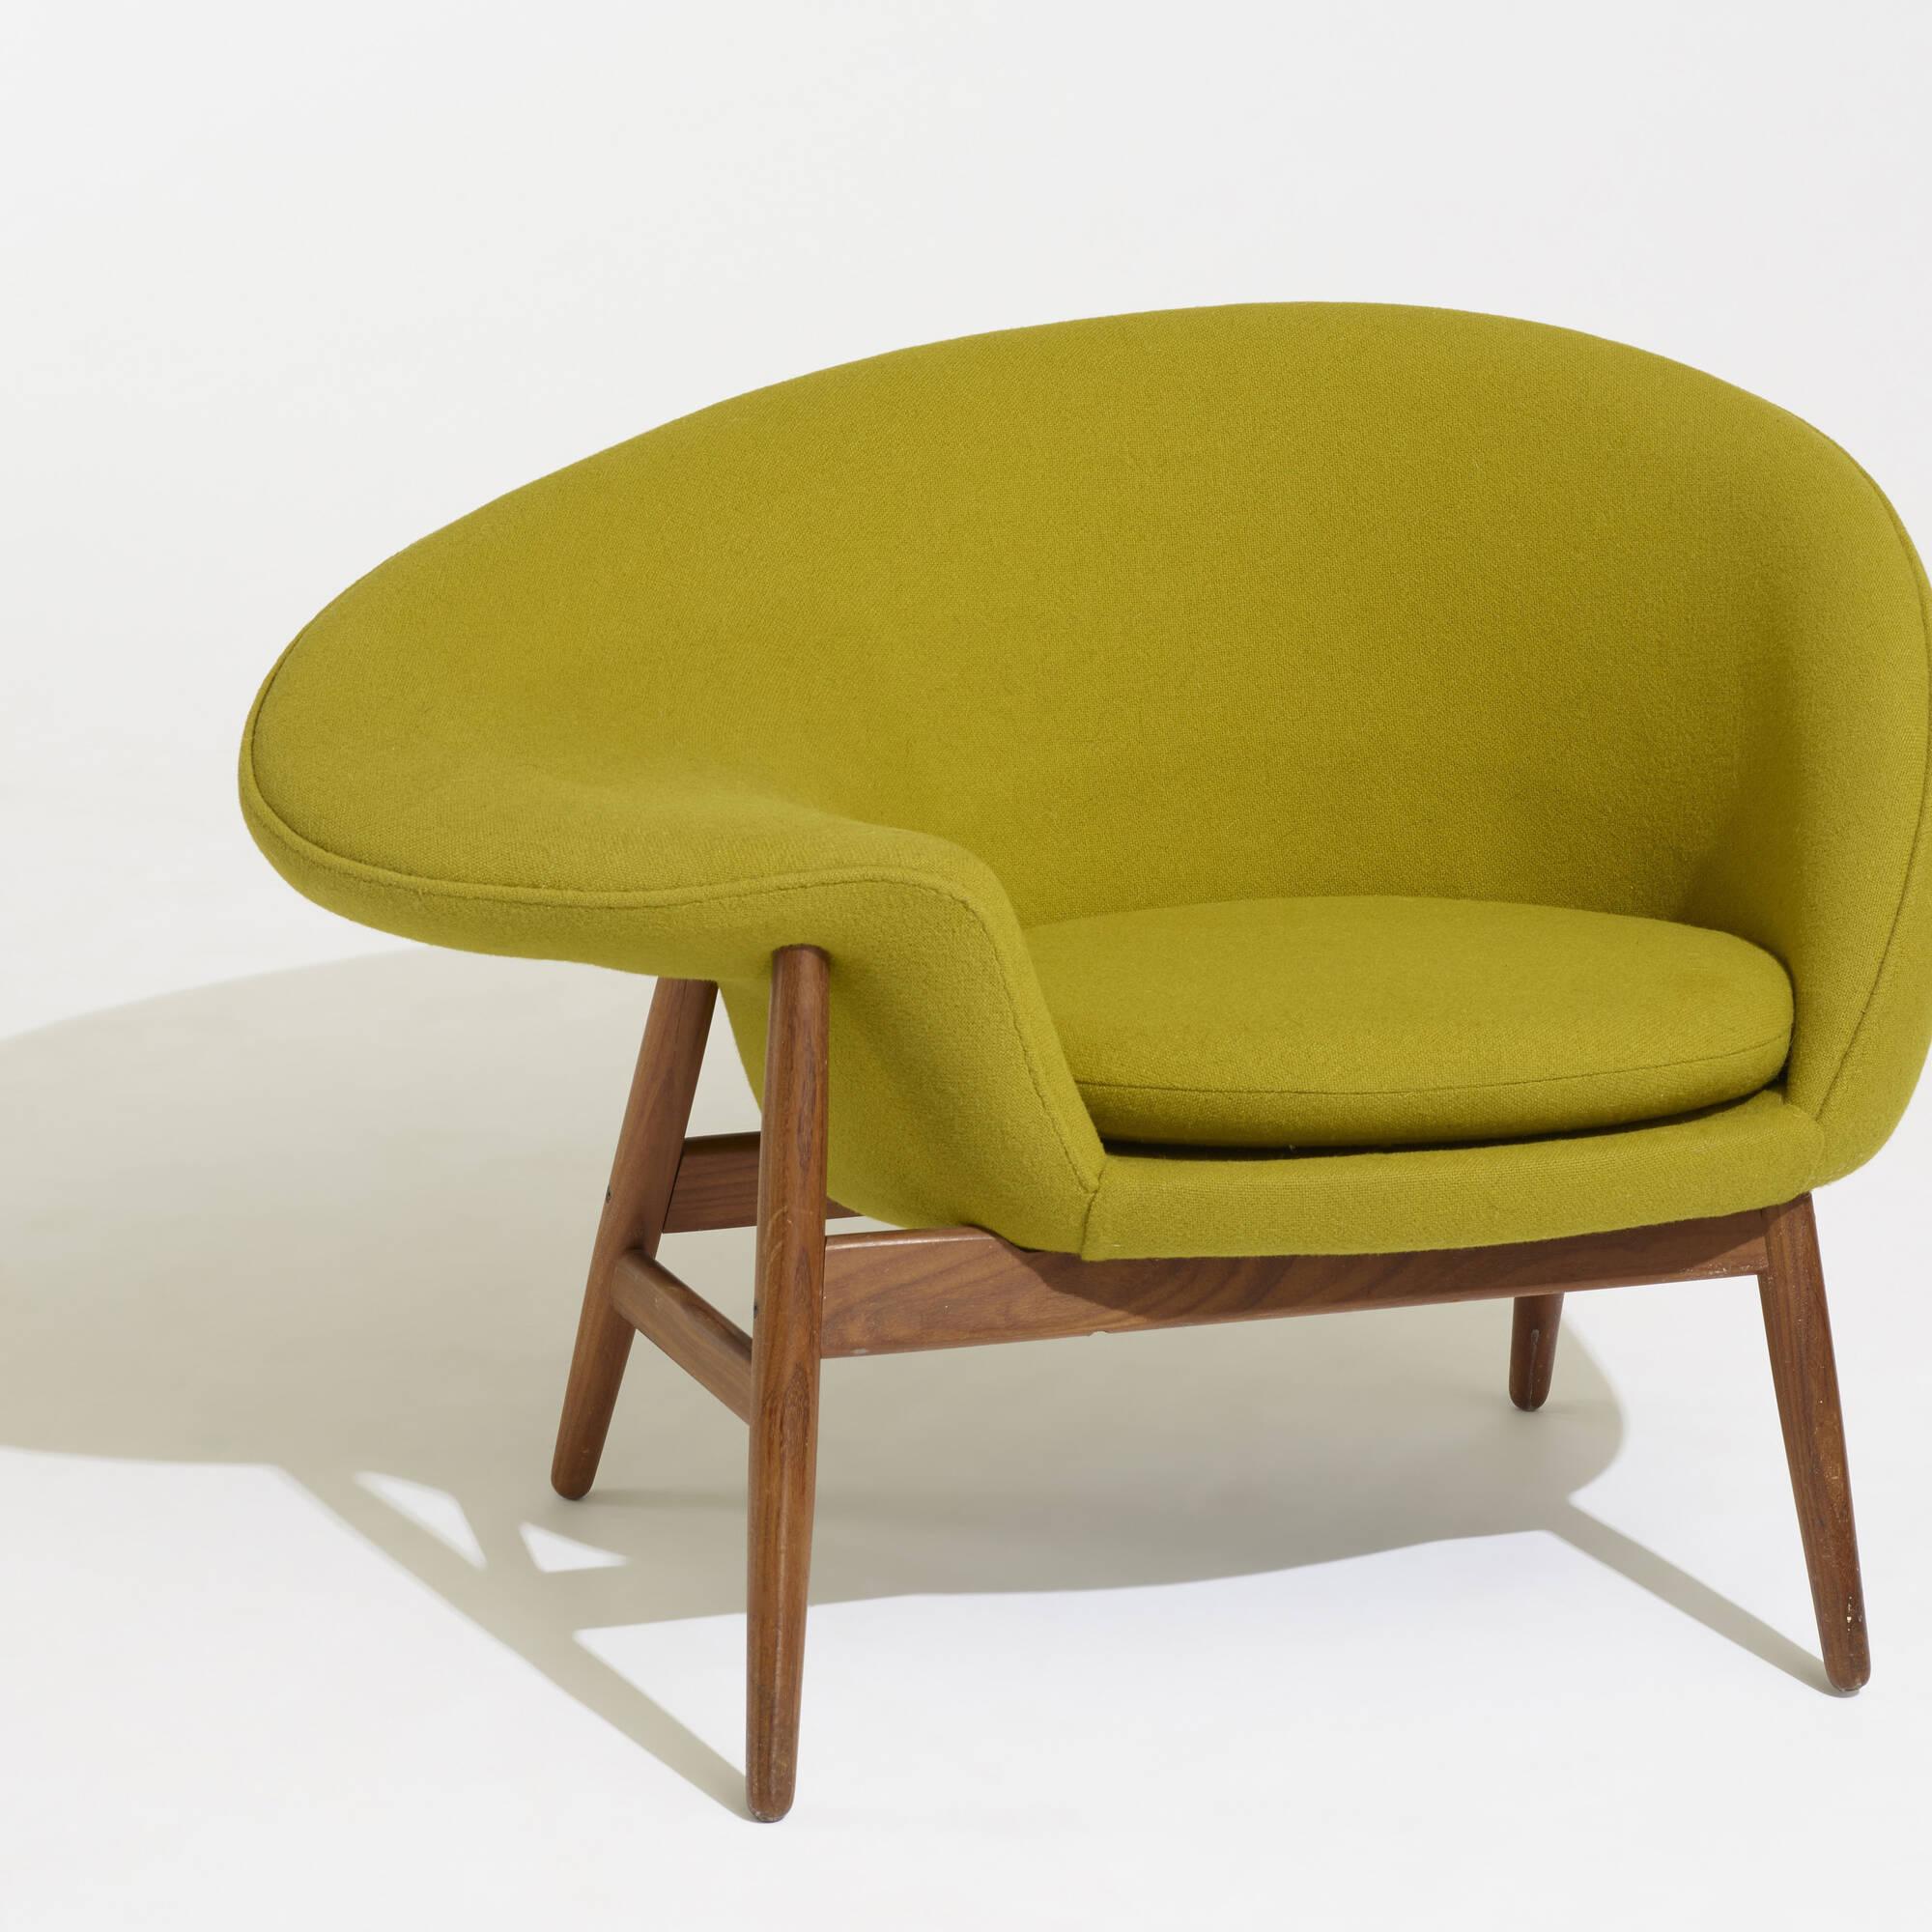 187: Hans Olsen / lounge chair, model 188 (4 of 4)